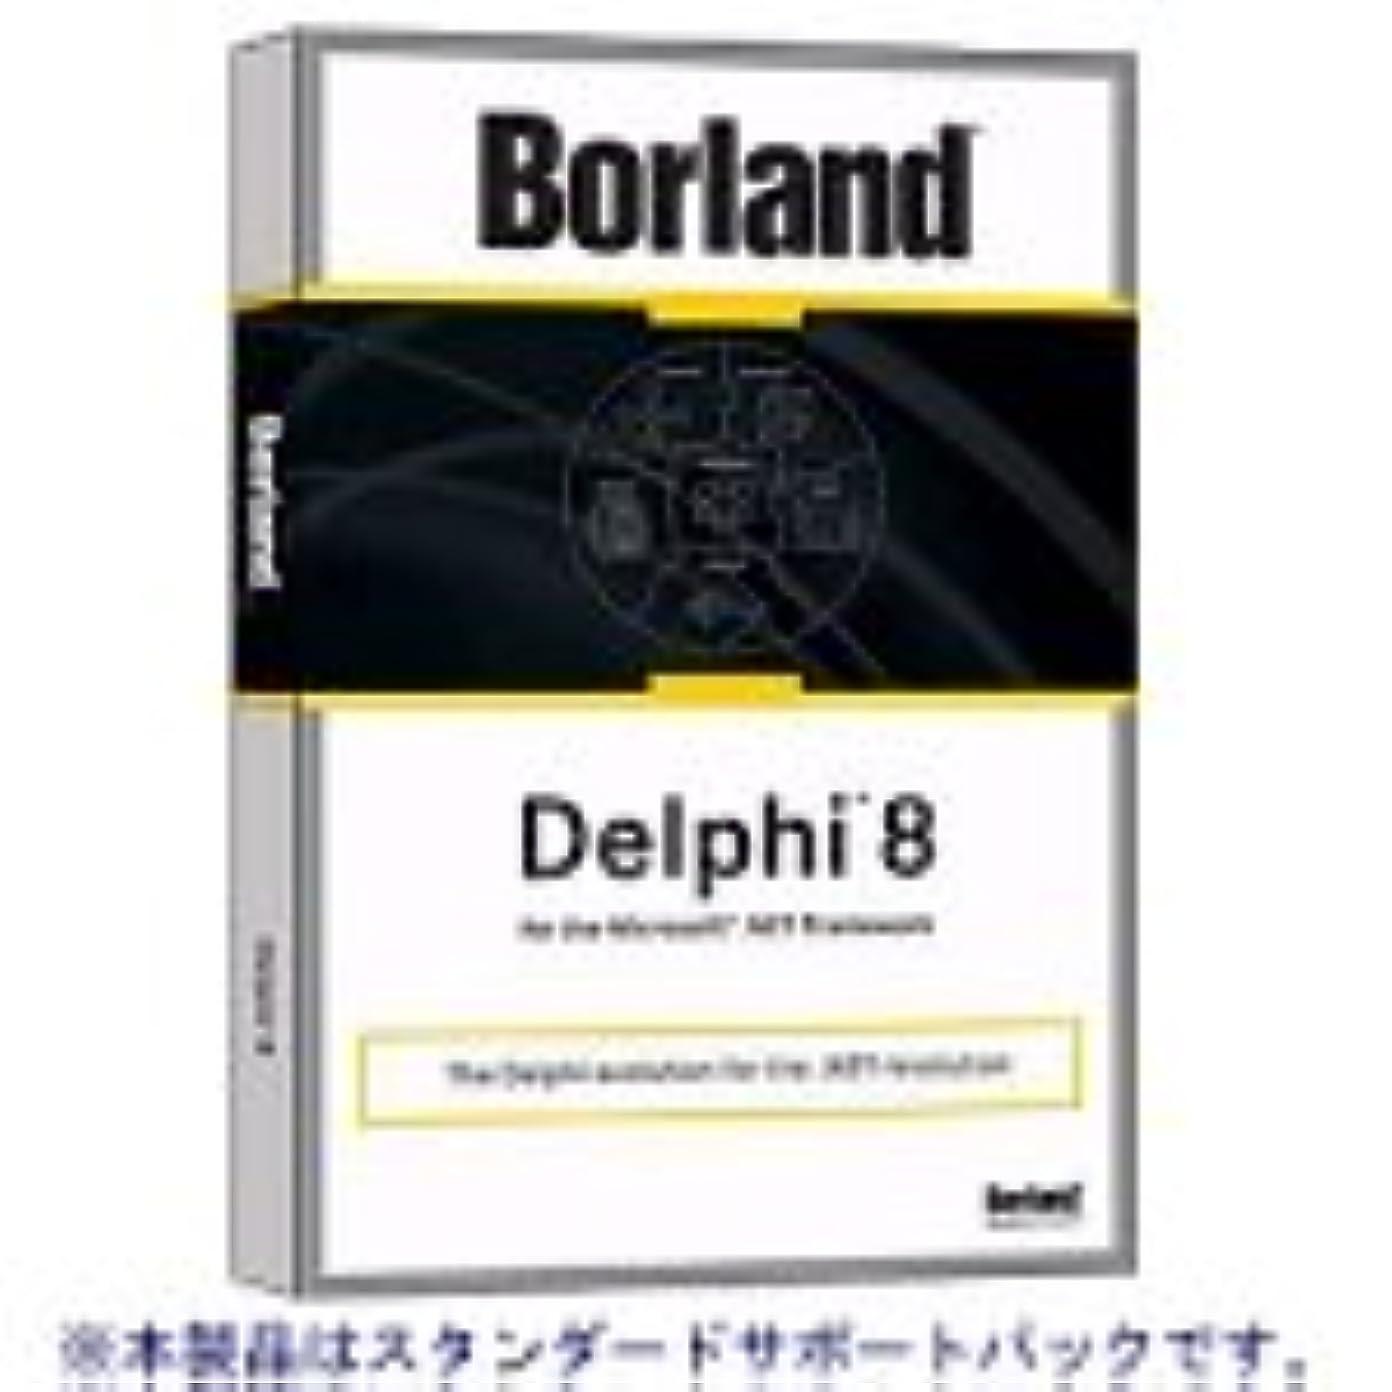 スラダム高価な弱点Borland Delphi 8 for the Microsoft .NET Framework Professional 日本語版 スタンダードサポートパック